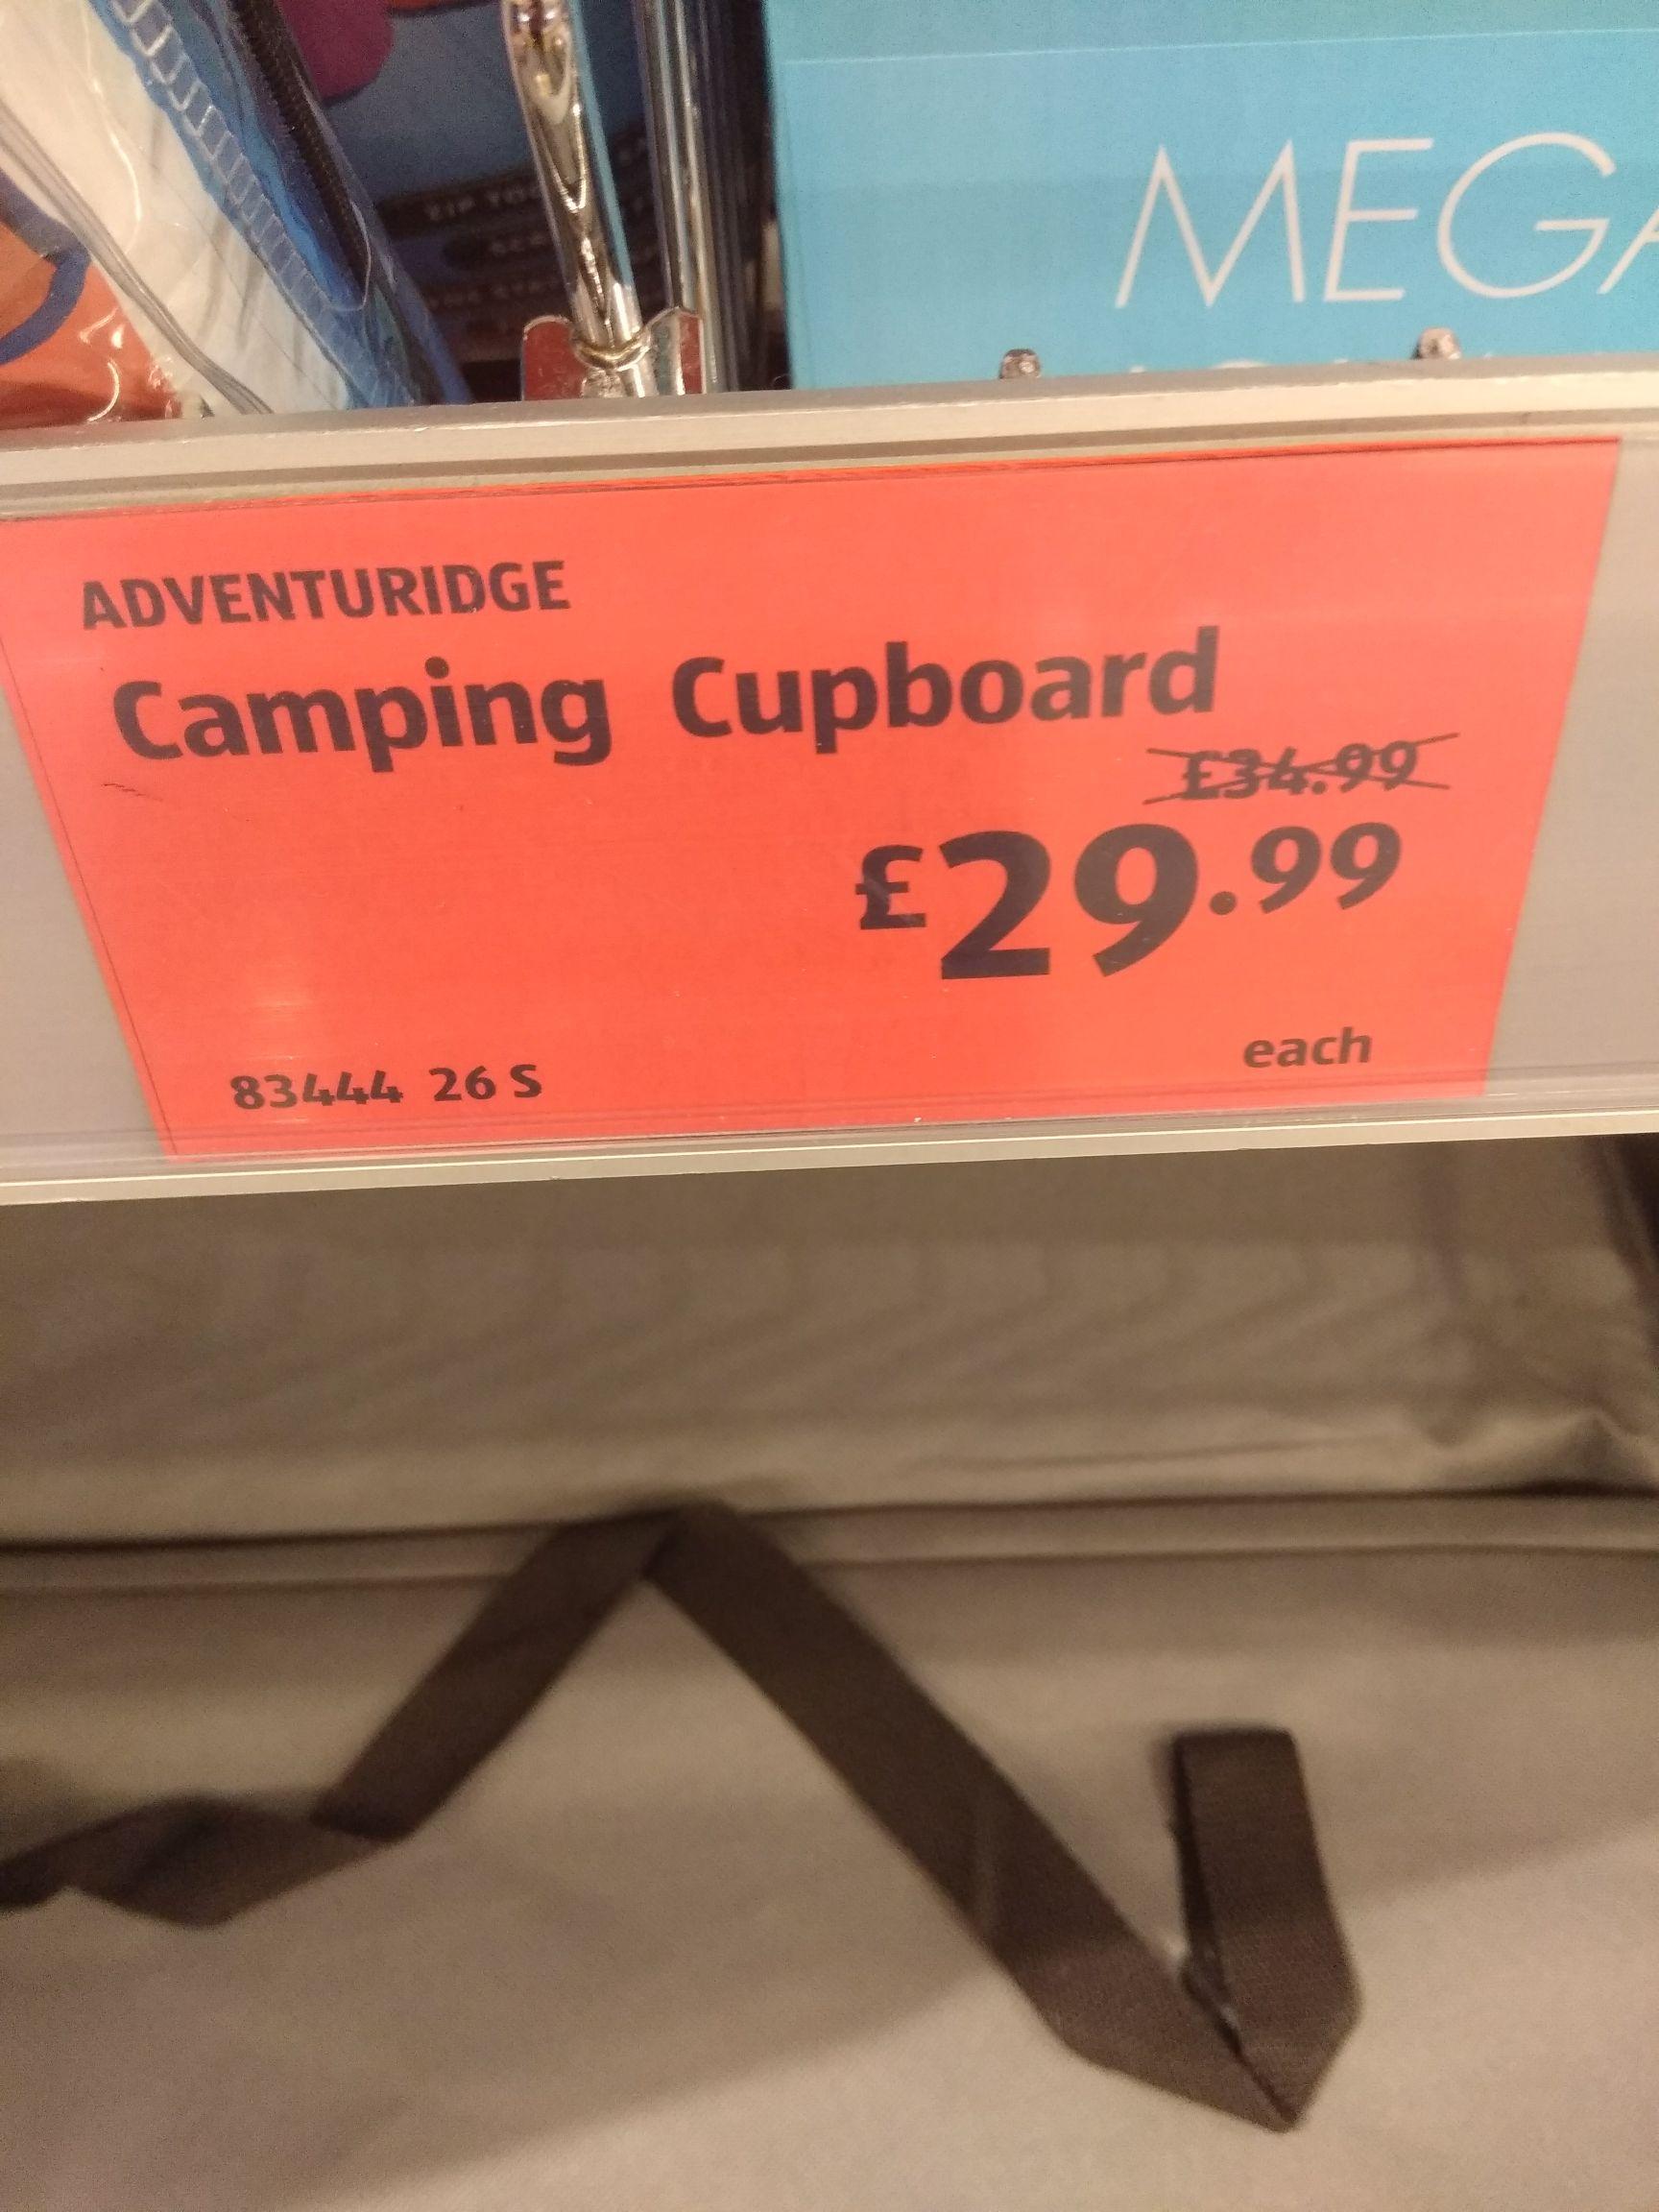 Aldi camping cupboard £29.99 instore